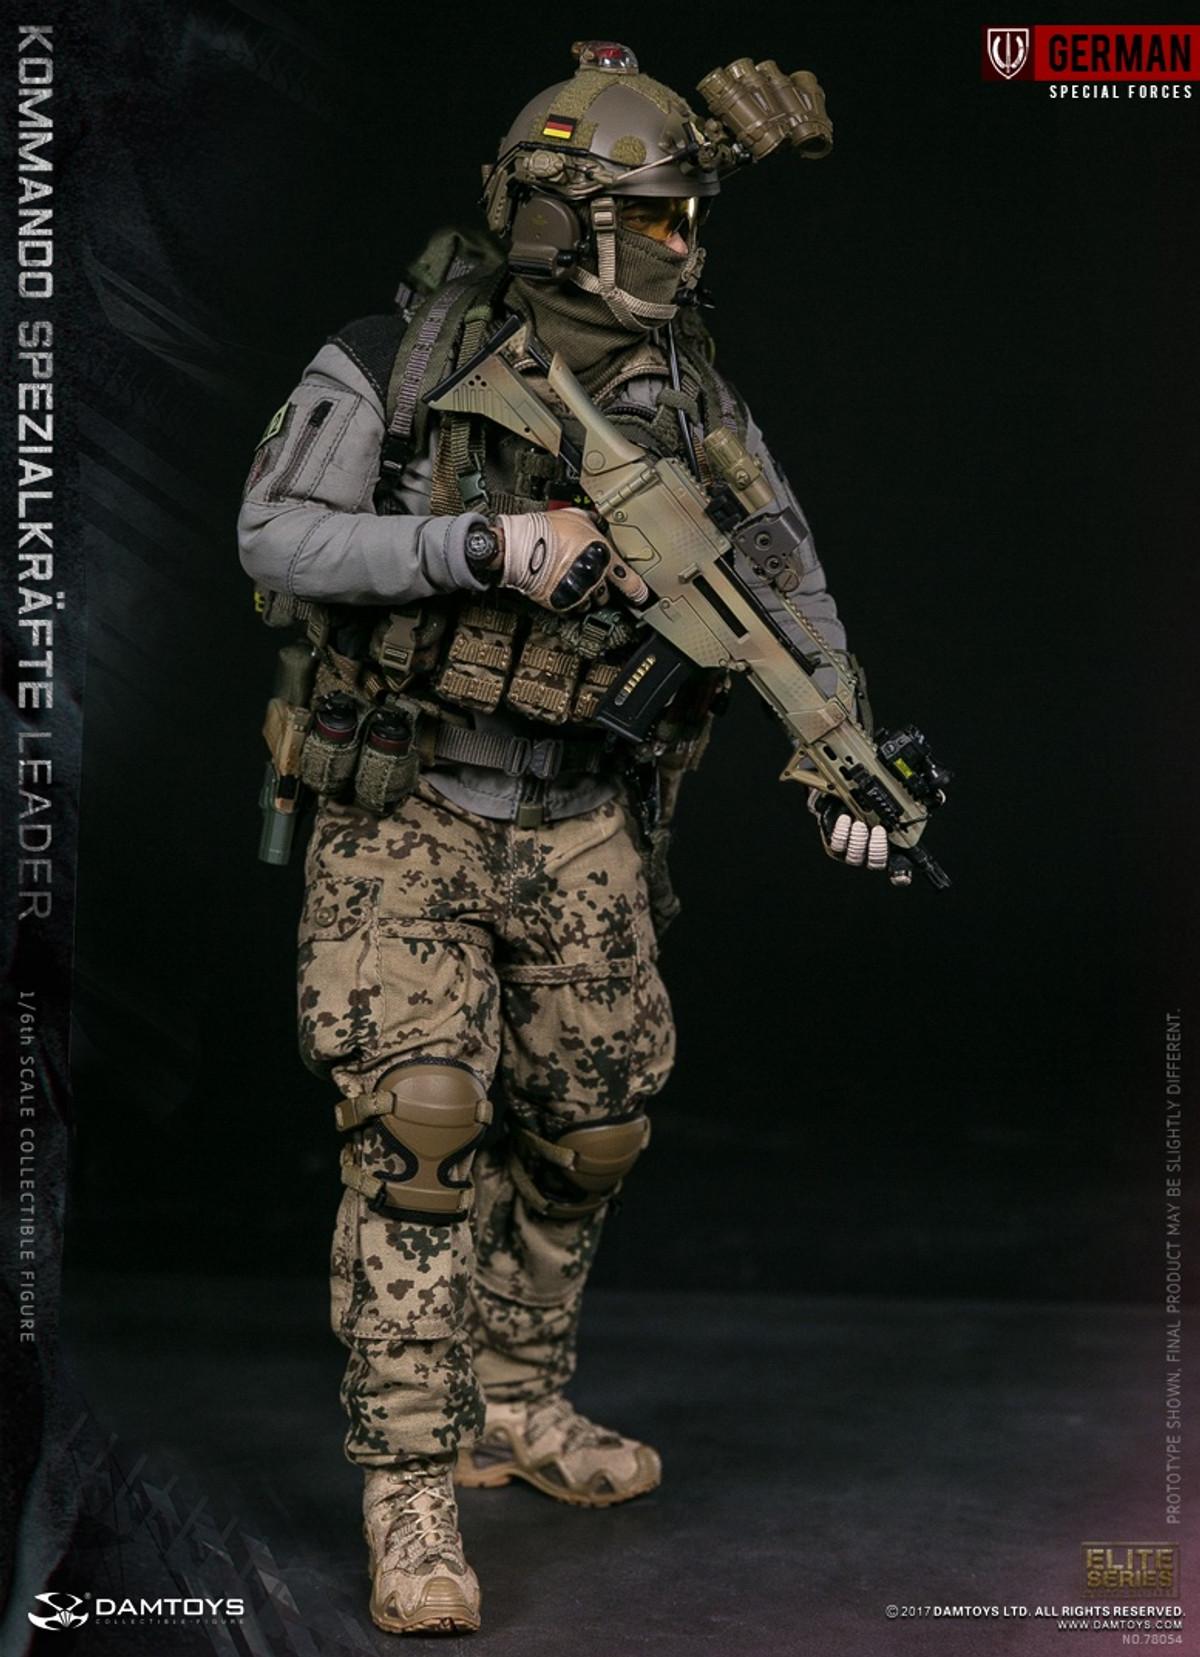 KSK Leader Flashbang /& Smoke Grenades Set Damtoys Action Figures 1//6 Scale